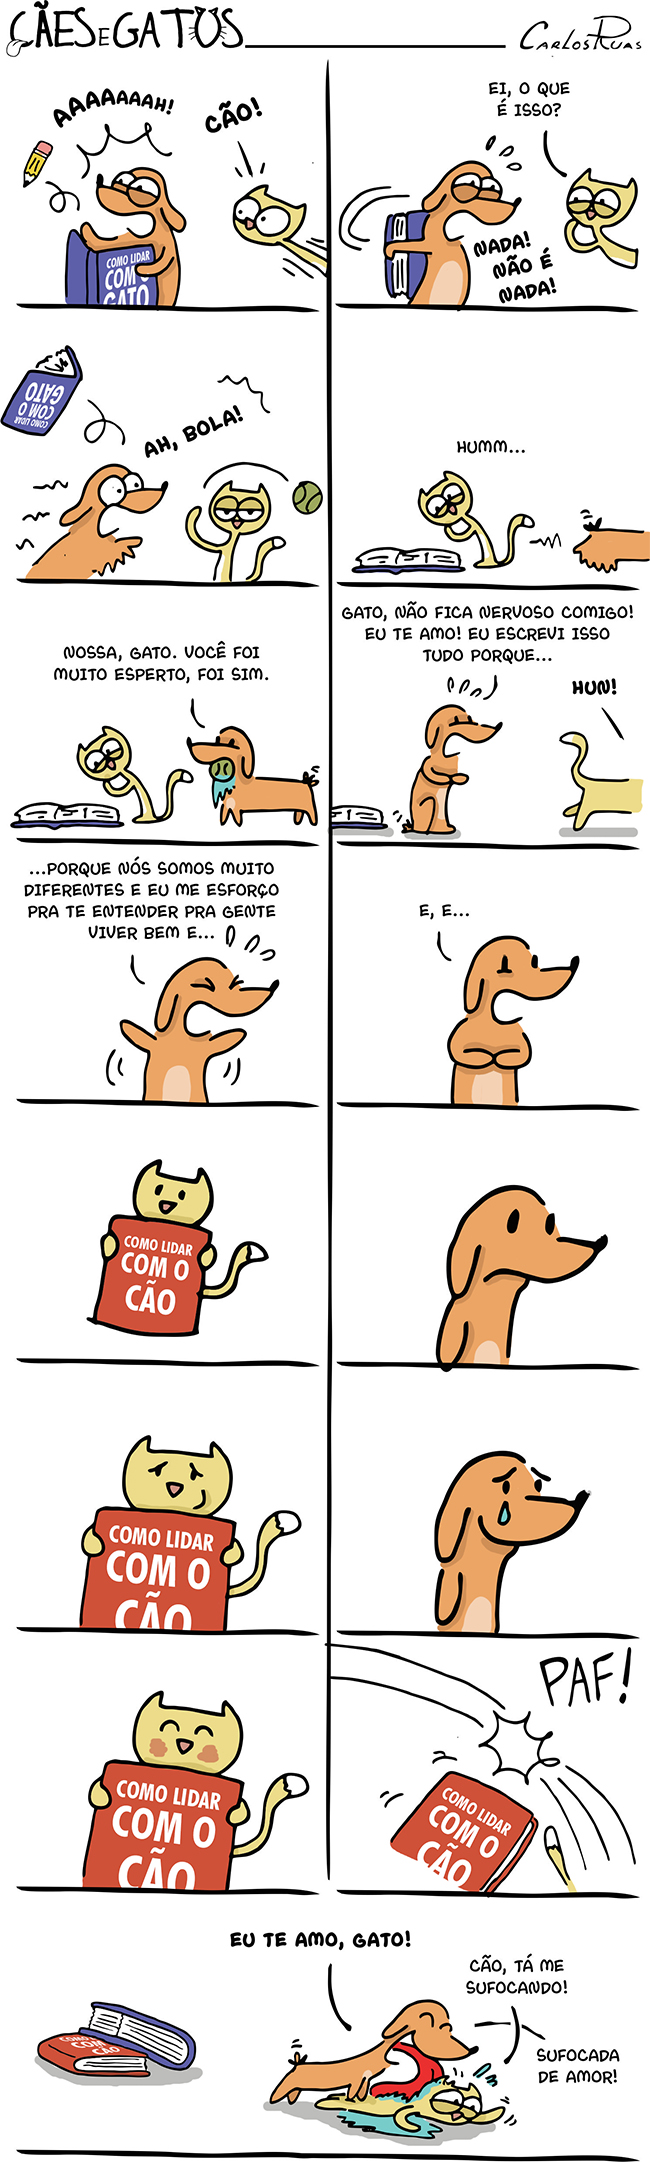 Cães e Gatos – Manual de como lidar com o gato 4